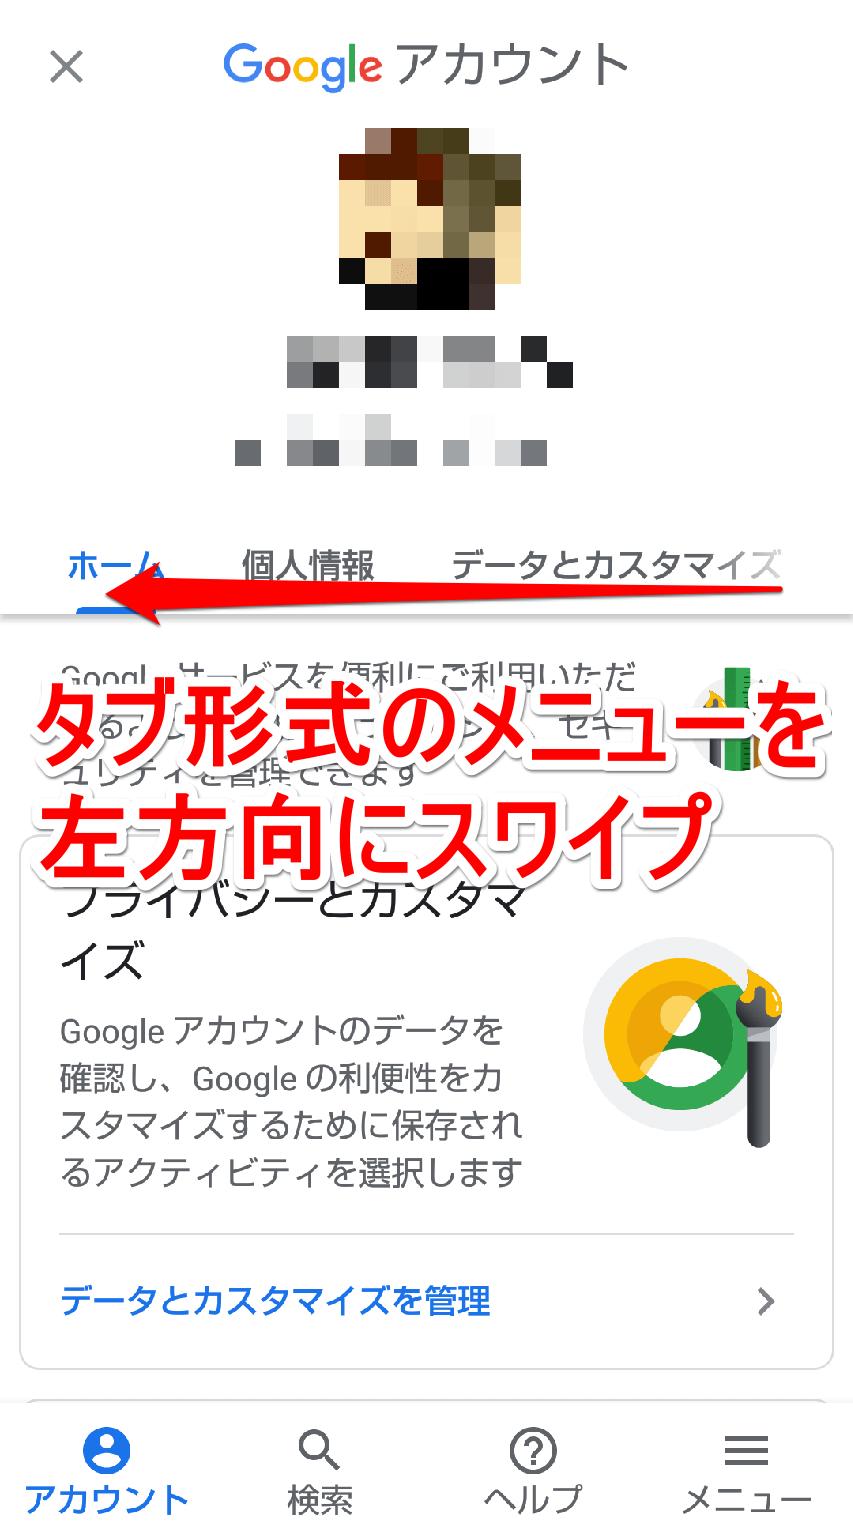 Androif(アンドロイド)スマートフォンの「Googleアカウント」画面